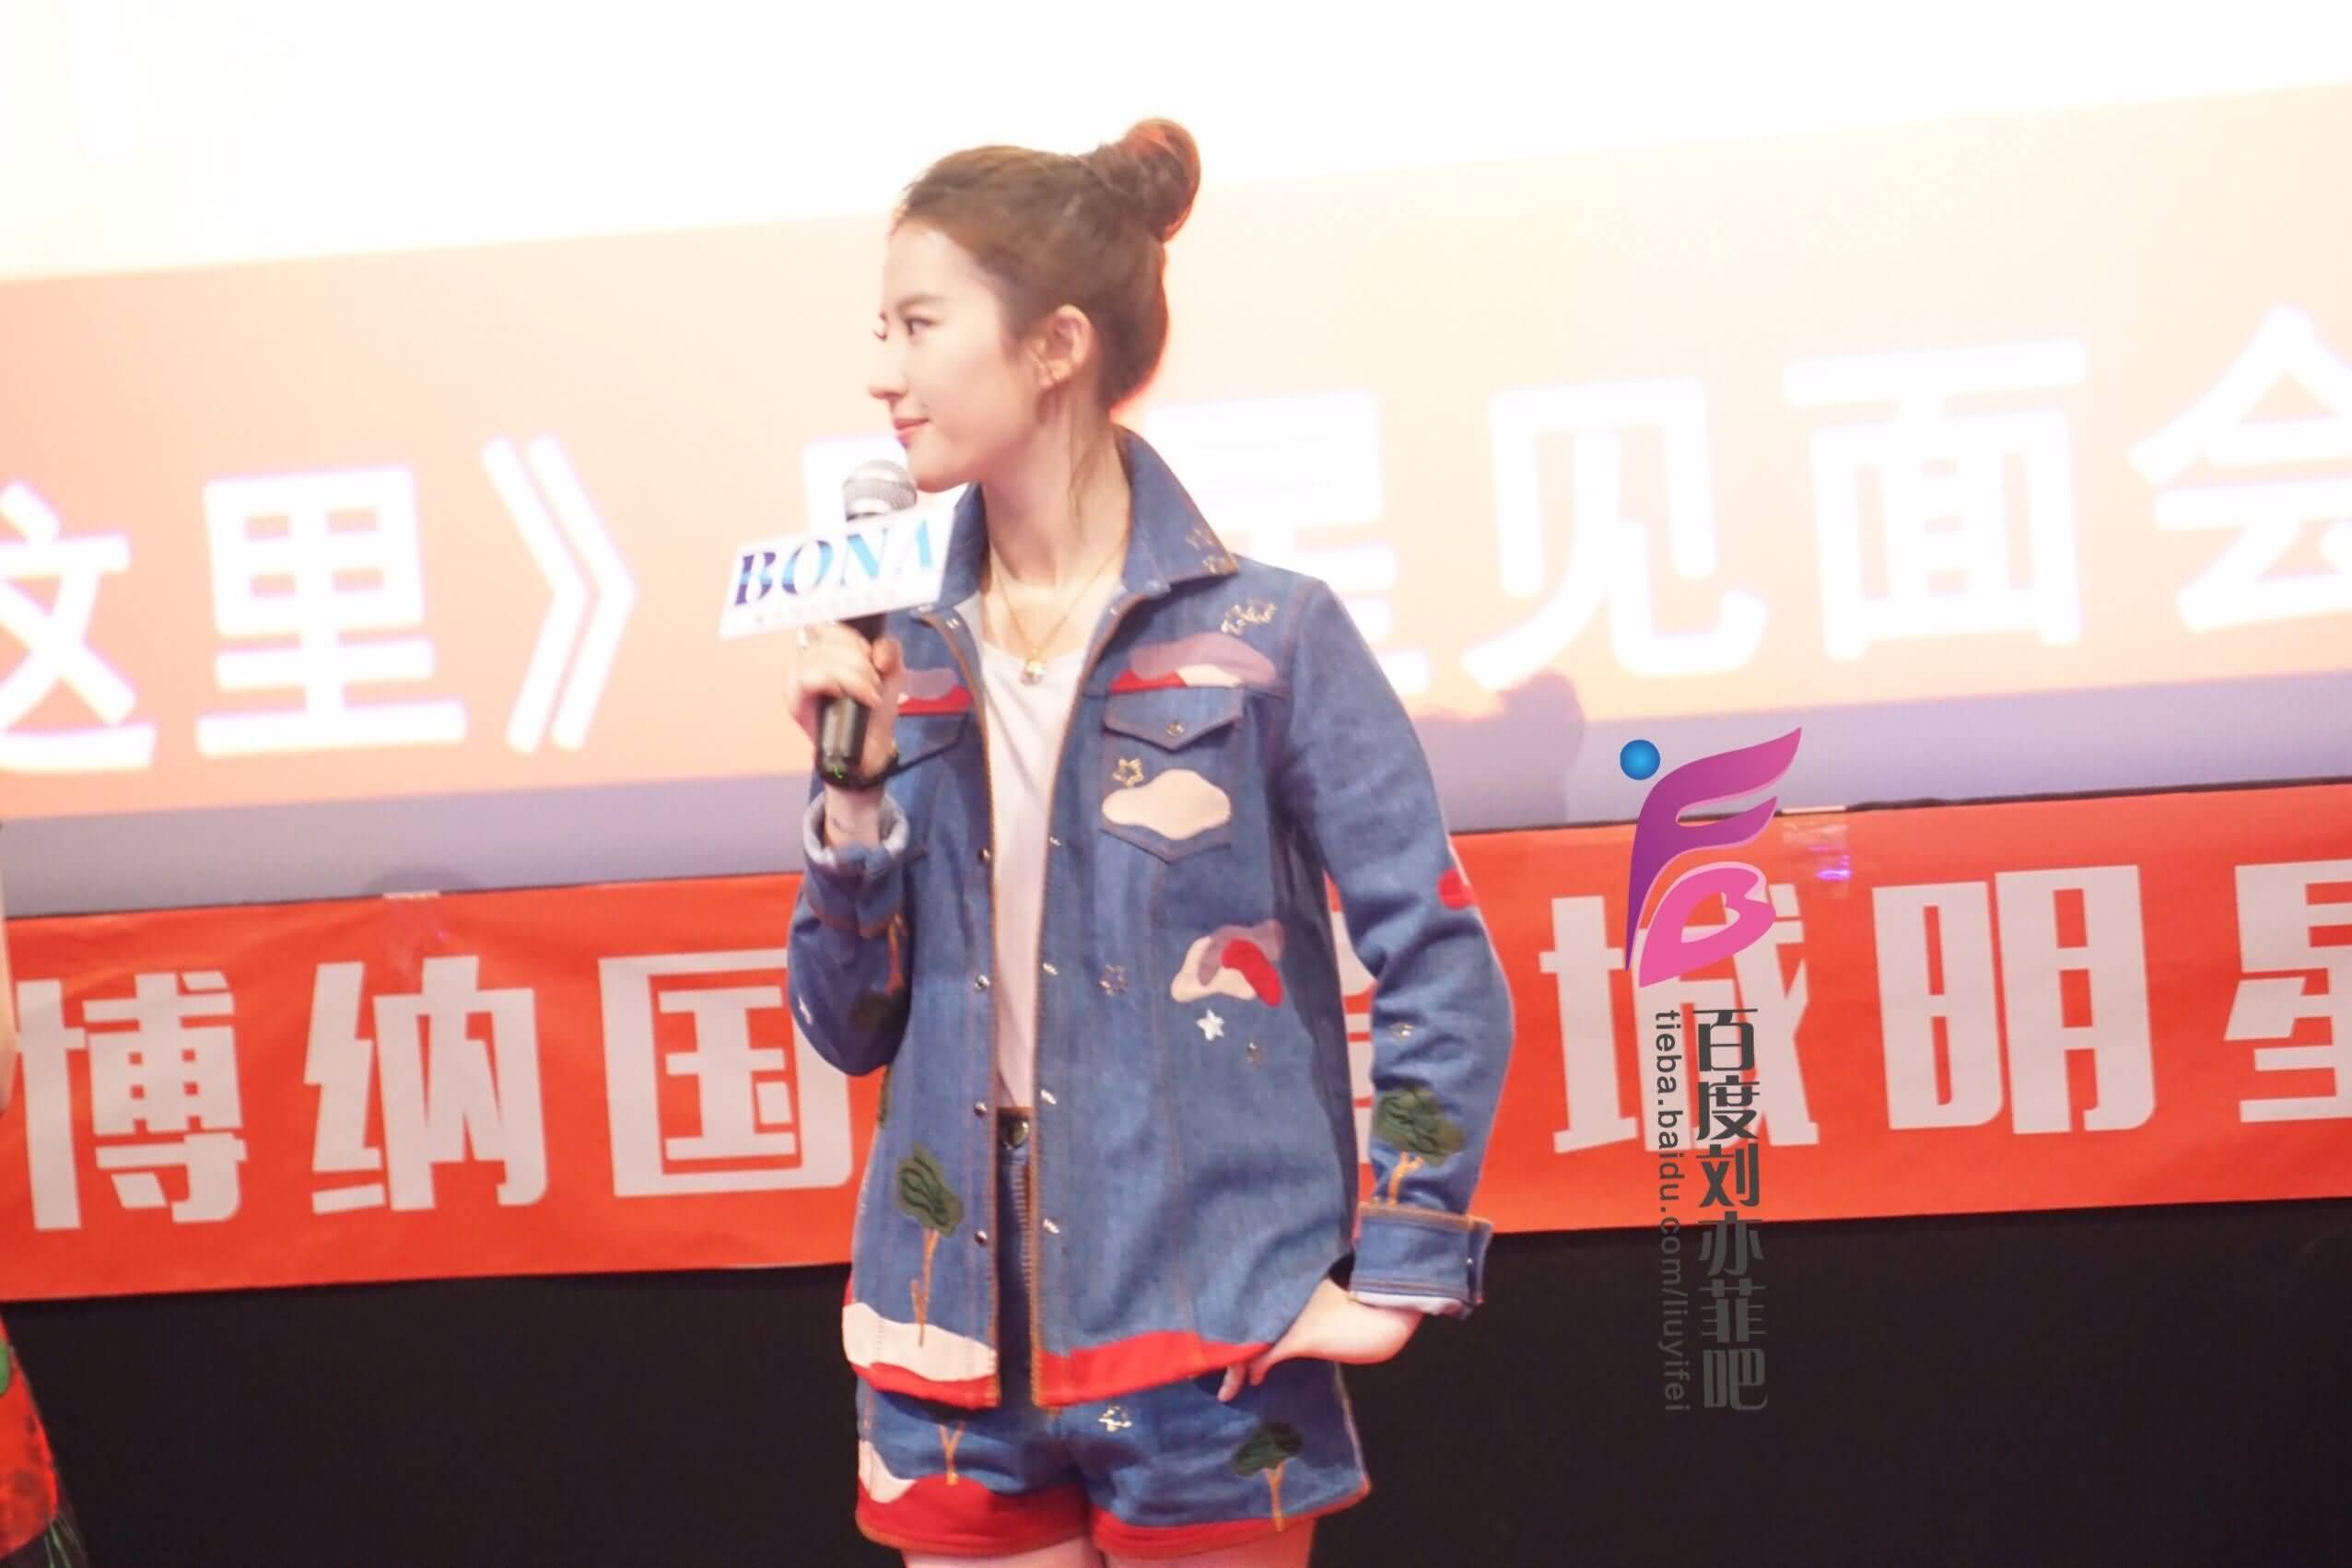 《致青春》重庆路演图  《刘亦菲》[2016.7.6]